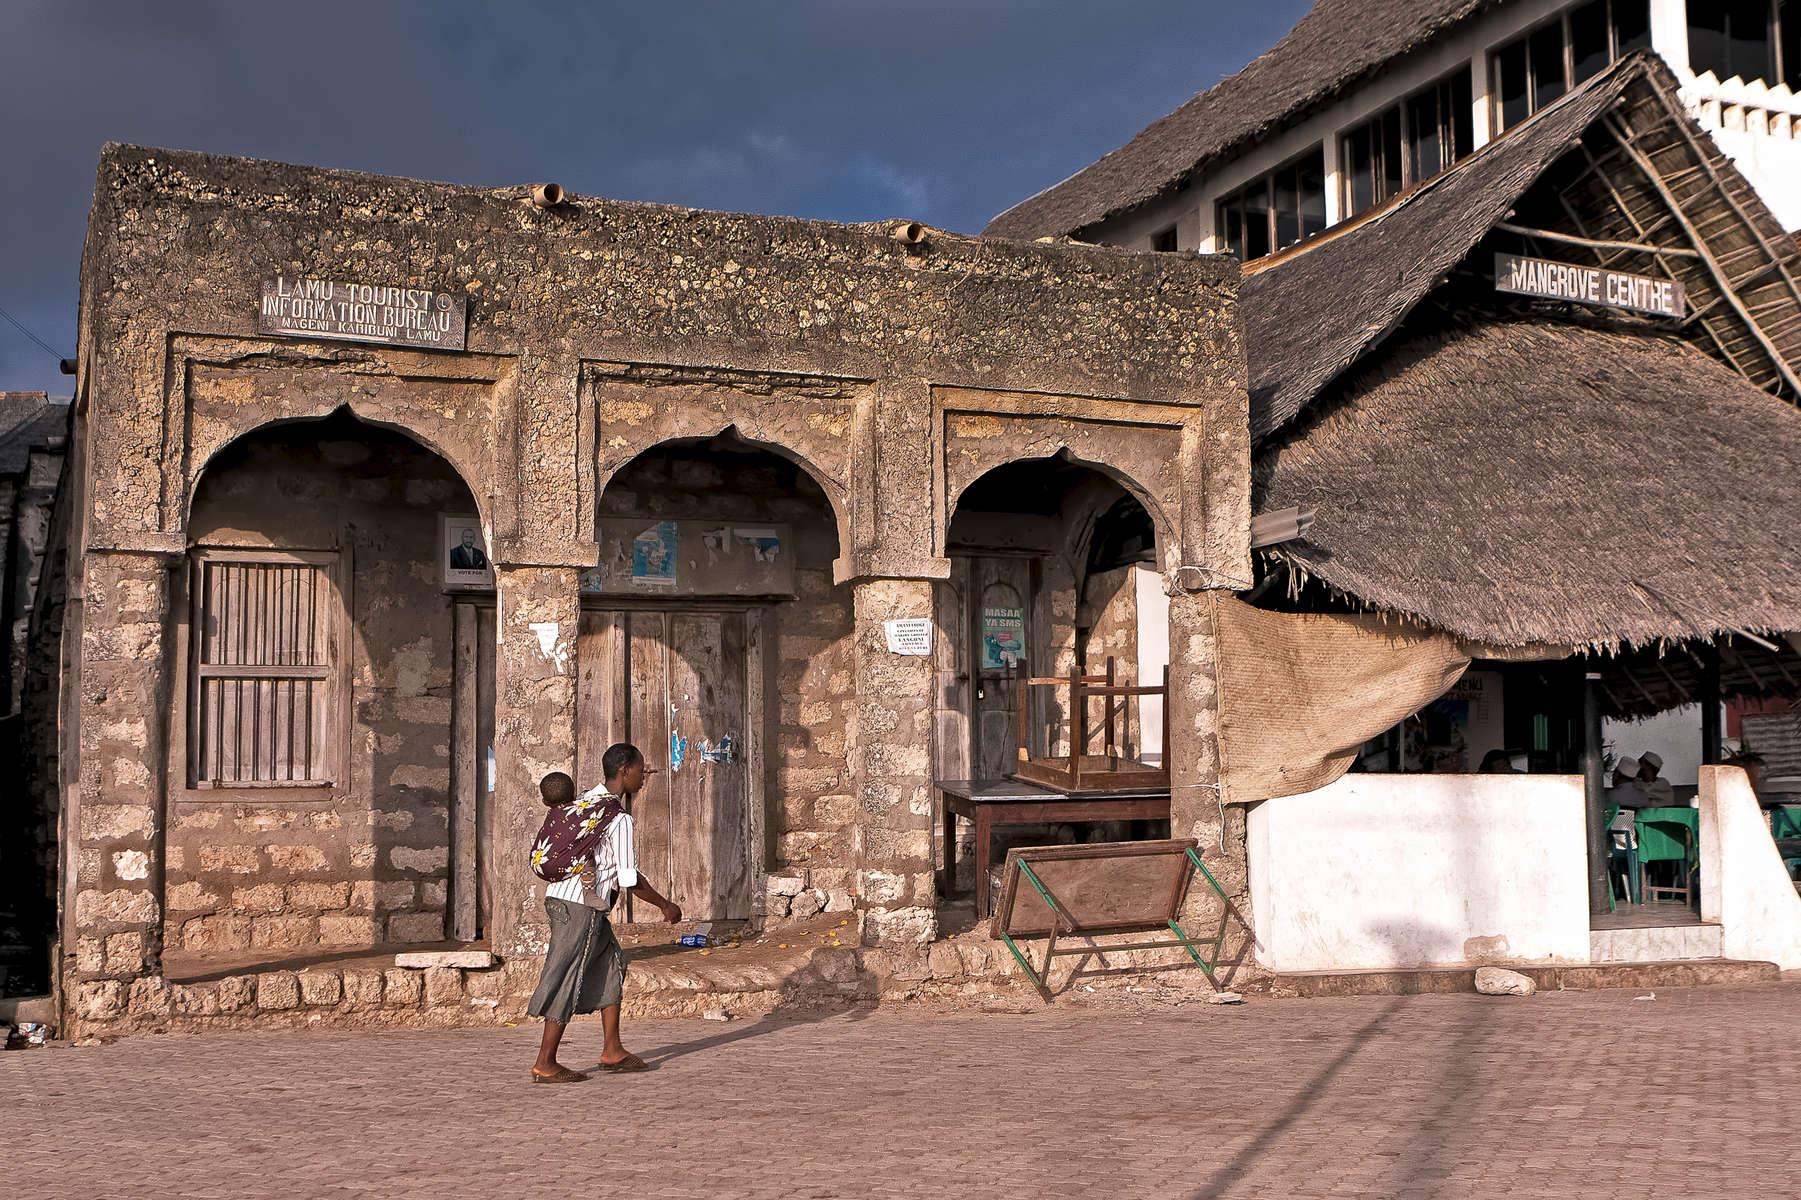 lamu-tourism